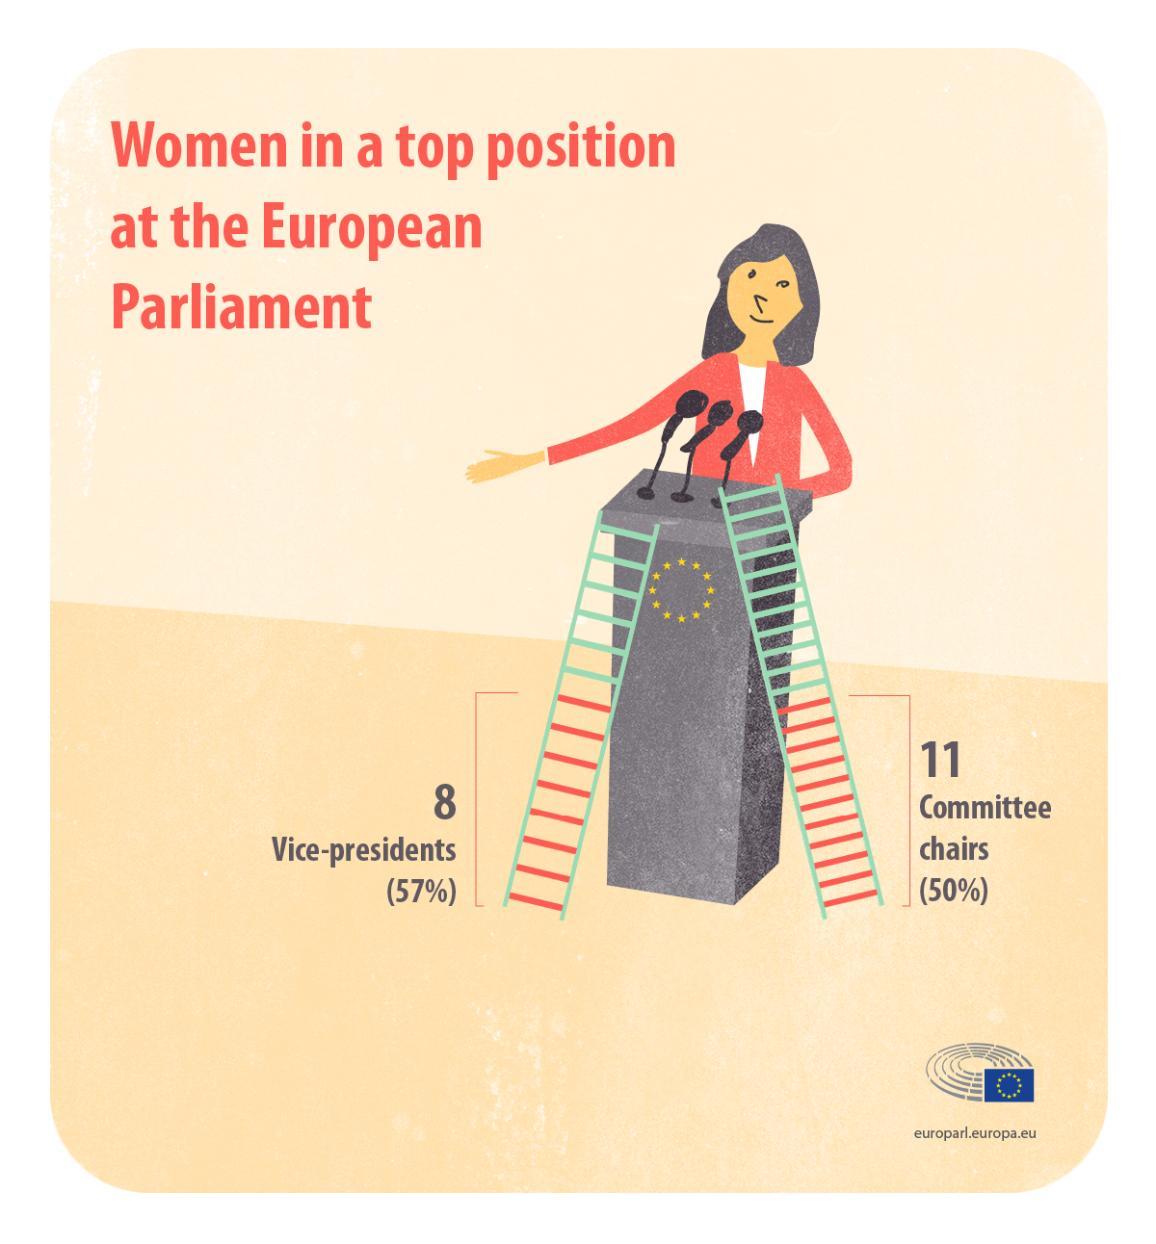 Avropa Parlamentində qadınlar haqqında infoqrafiya